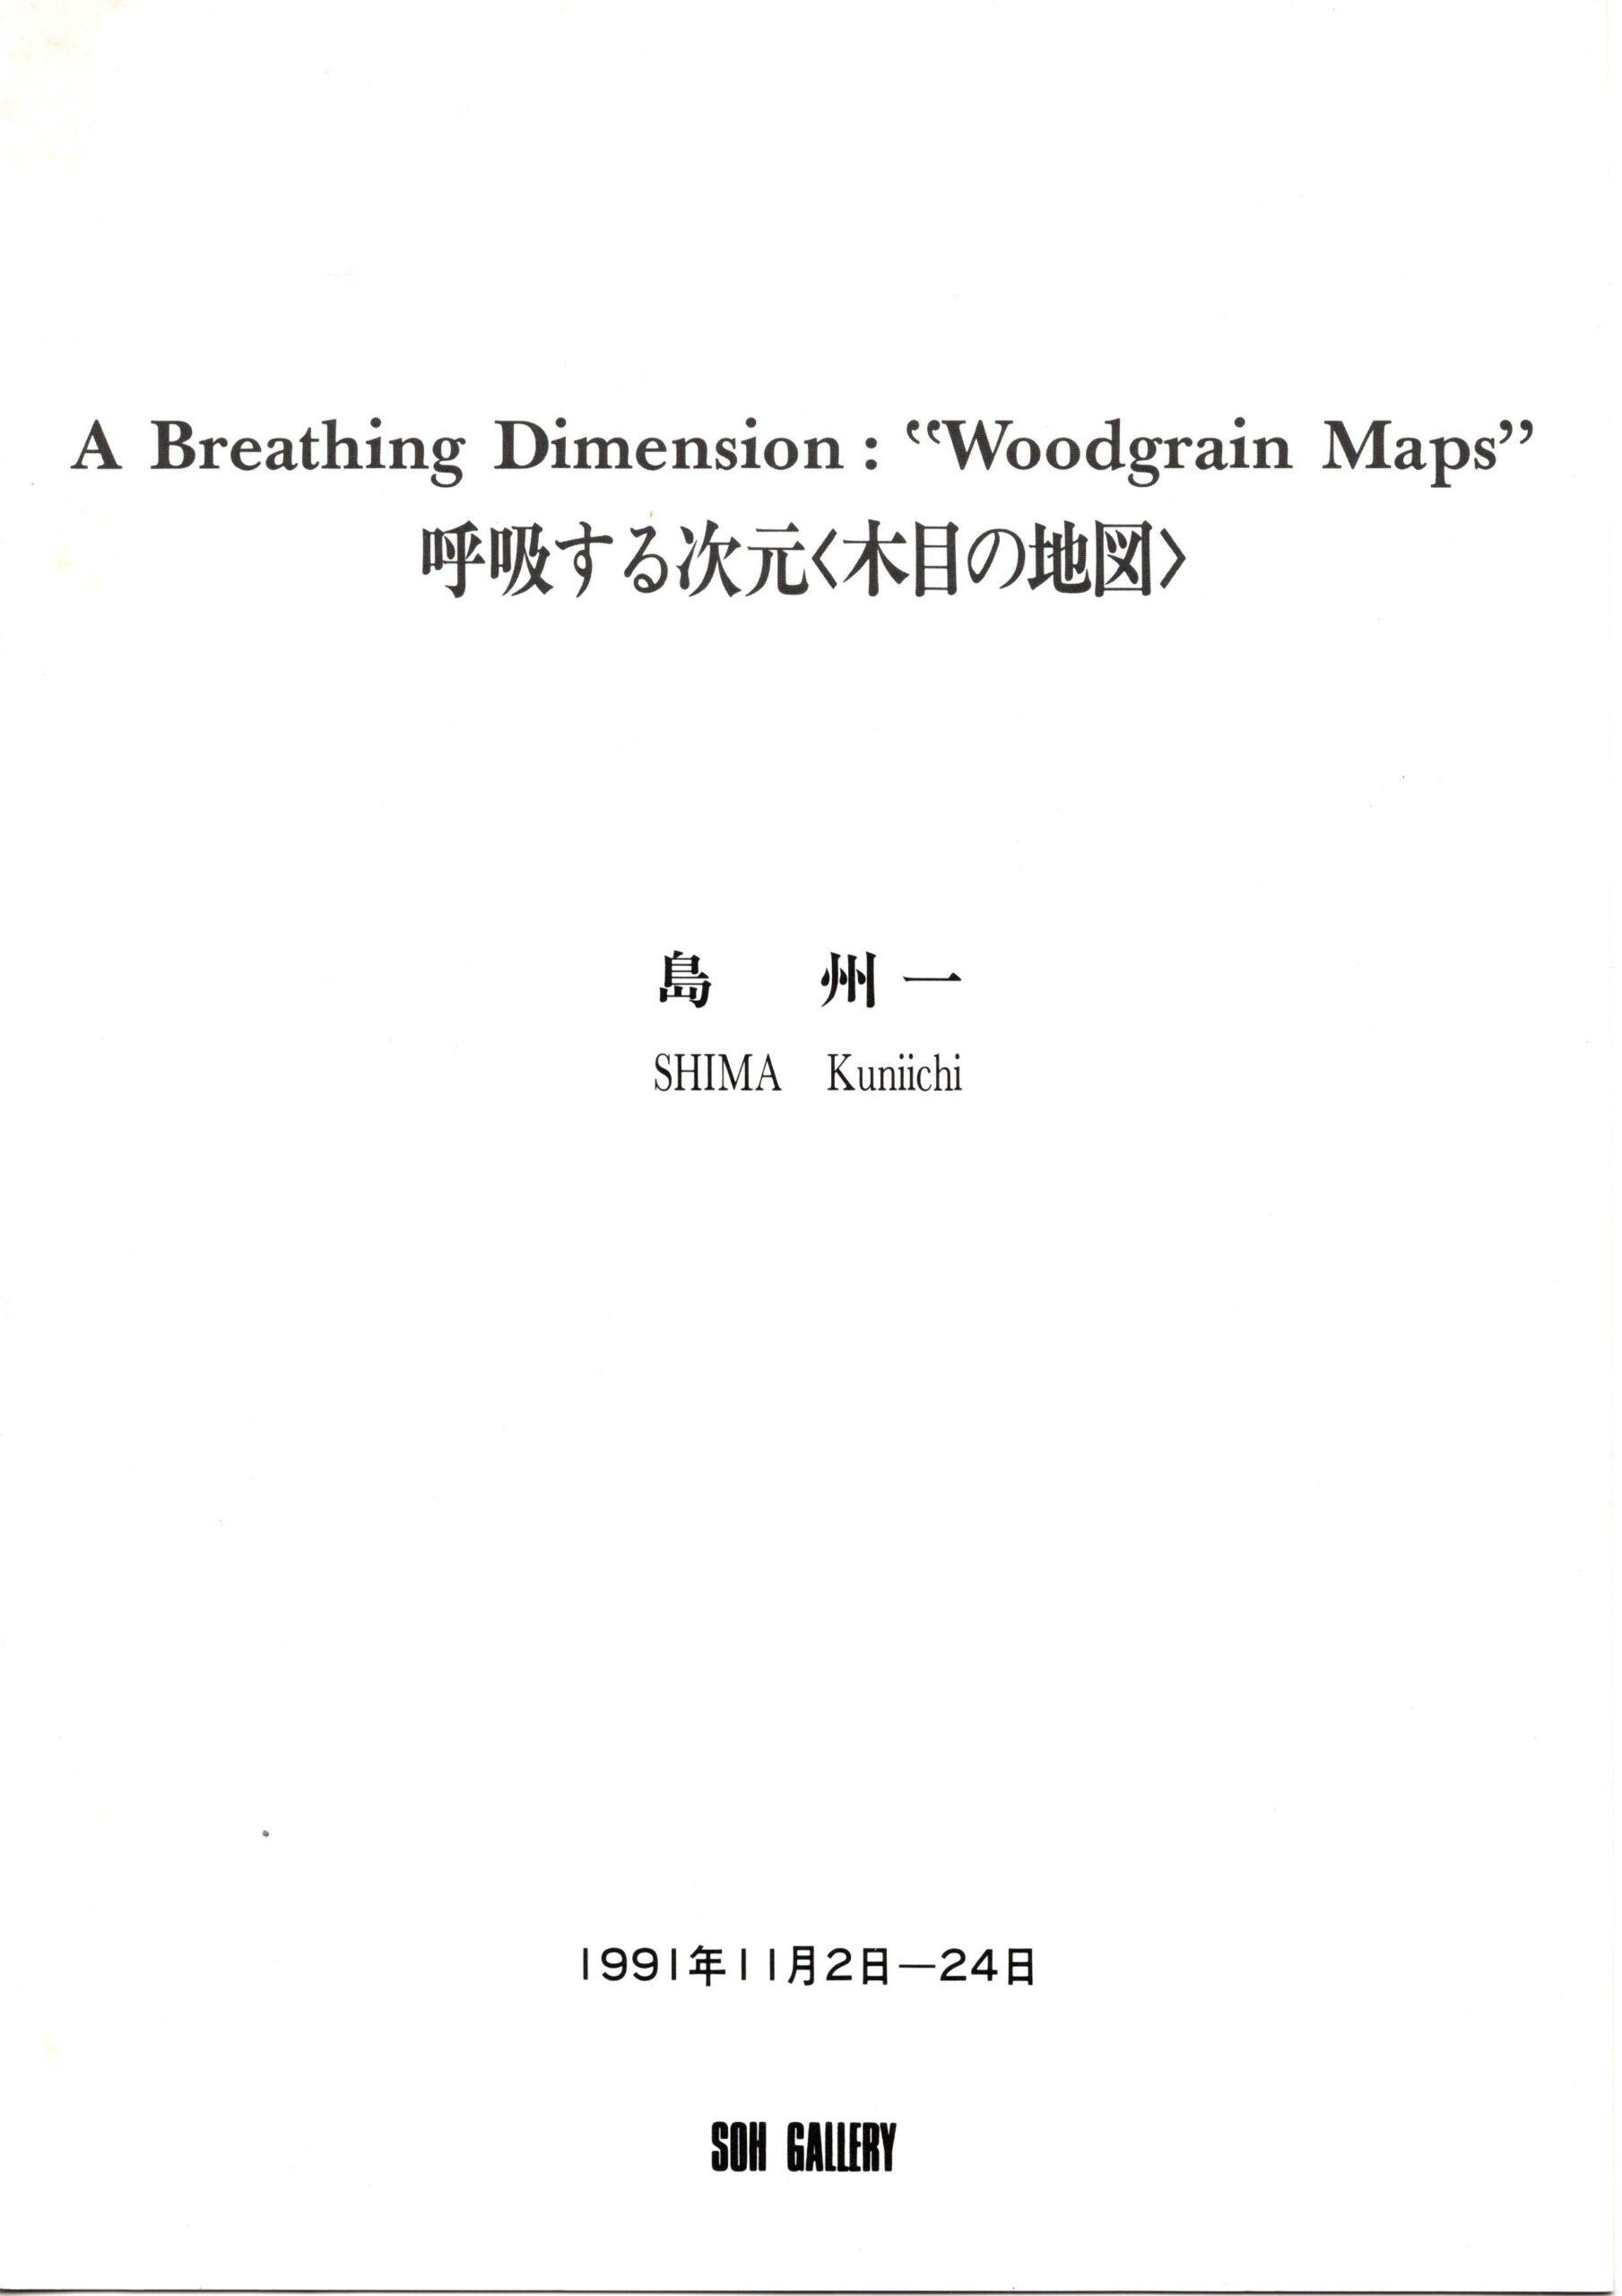 島州一展 呼吸する次元〈木目の地図〉